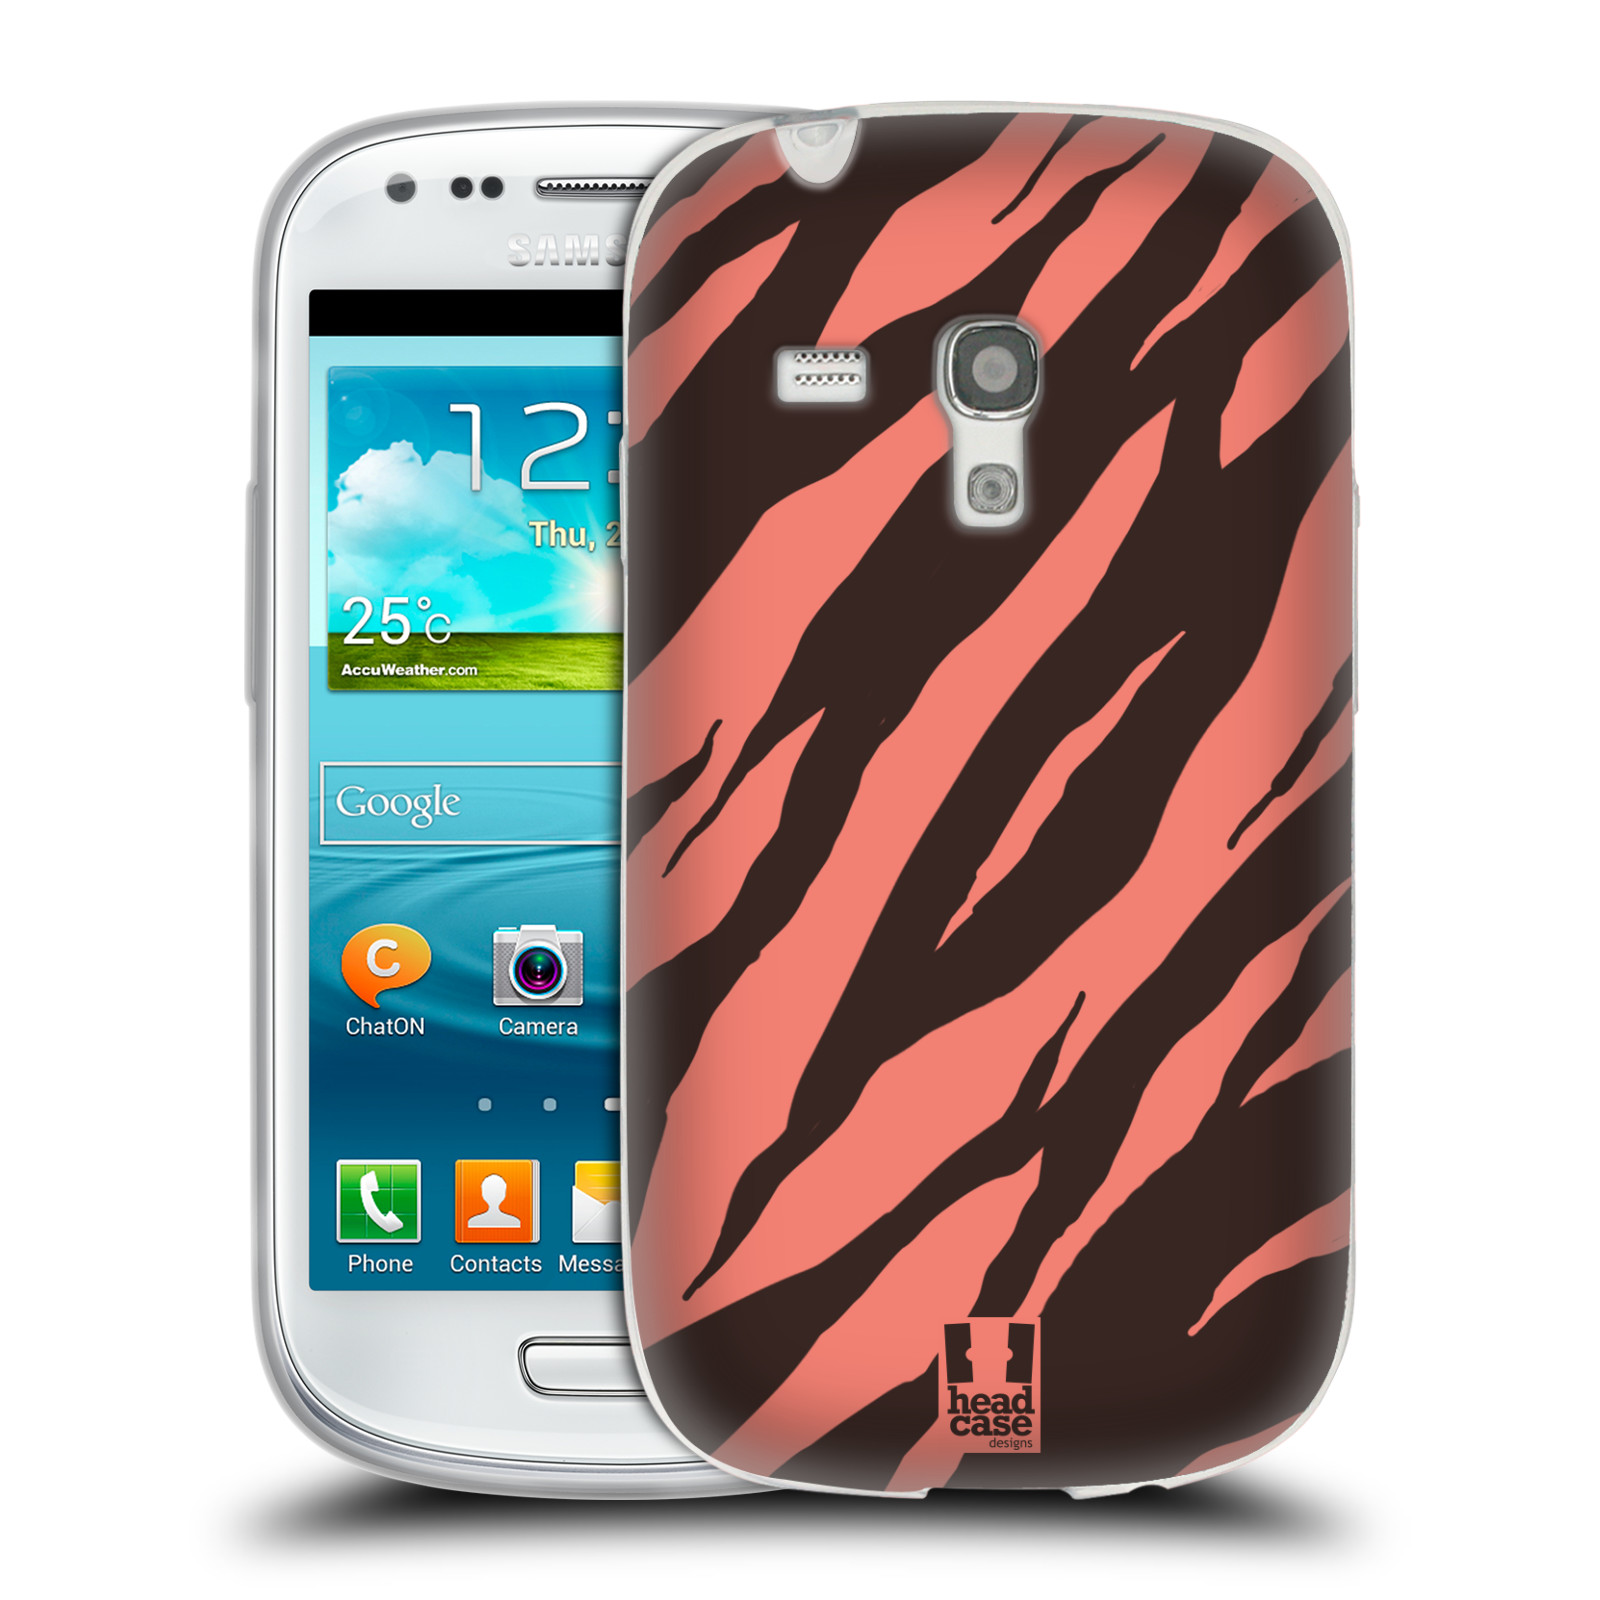 HEAD CASE silikonový obal na mobil Samsung Galaxy S3 MINI i8190 vzor Divočina zvíře 2 korálový tygr